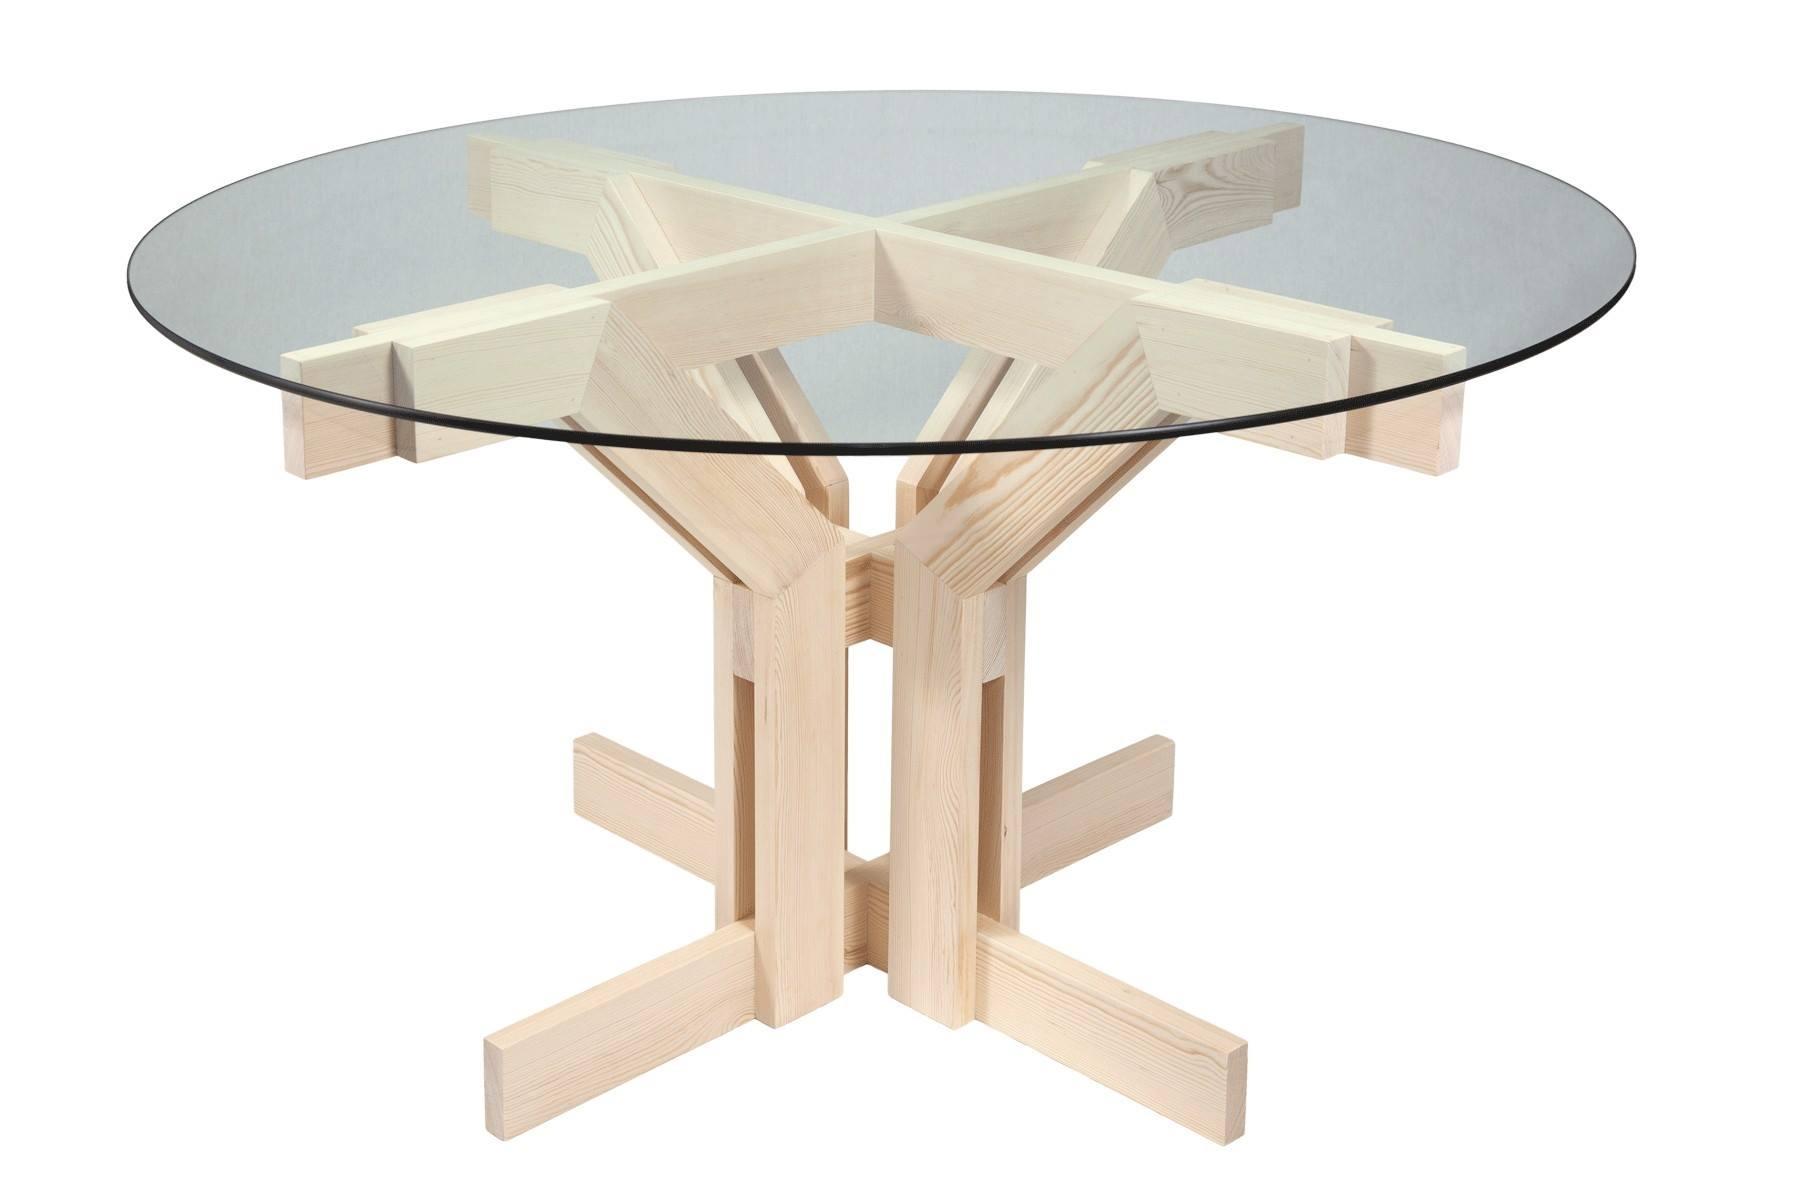 Mesas de comedormuebles de la granja muebles de la granja for Mesa comedor disea o